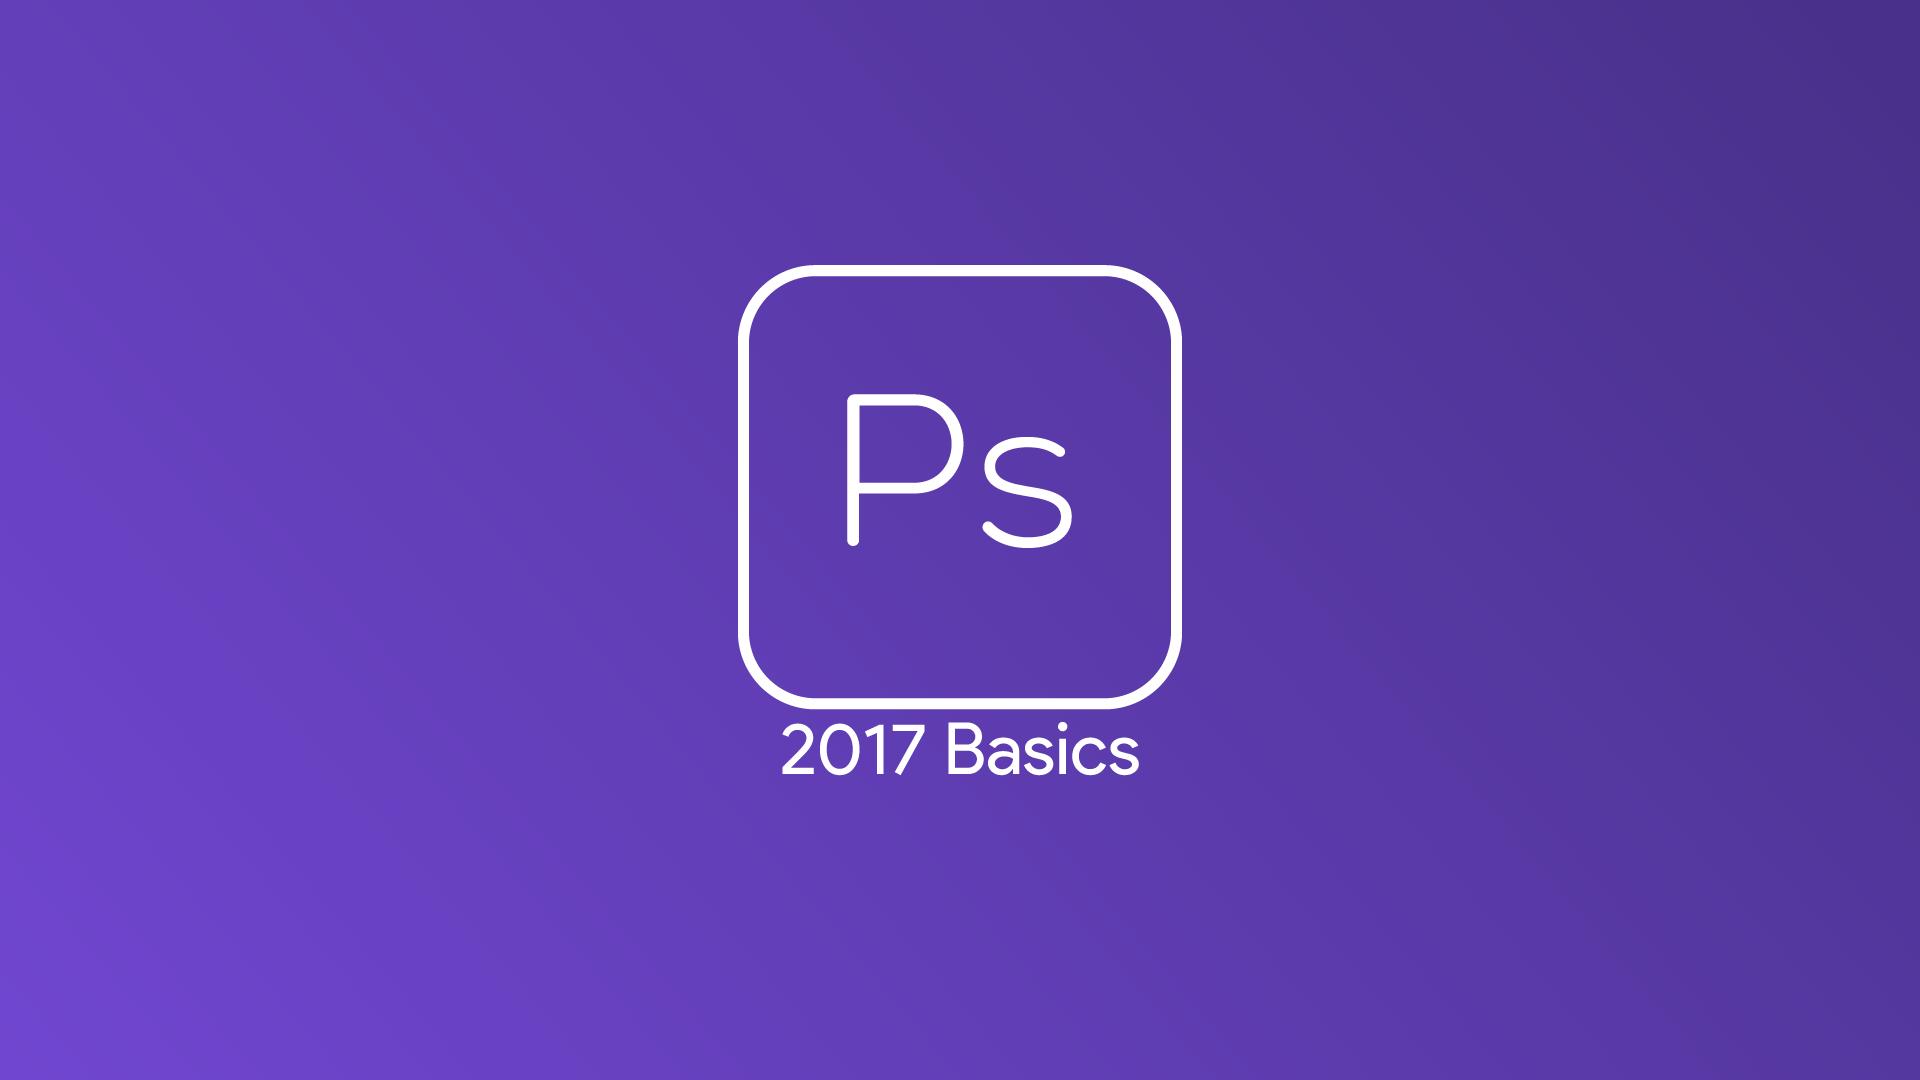 Photoshop CC 2017 - Basics